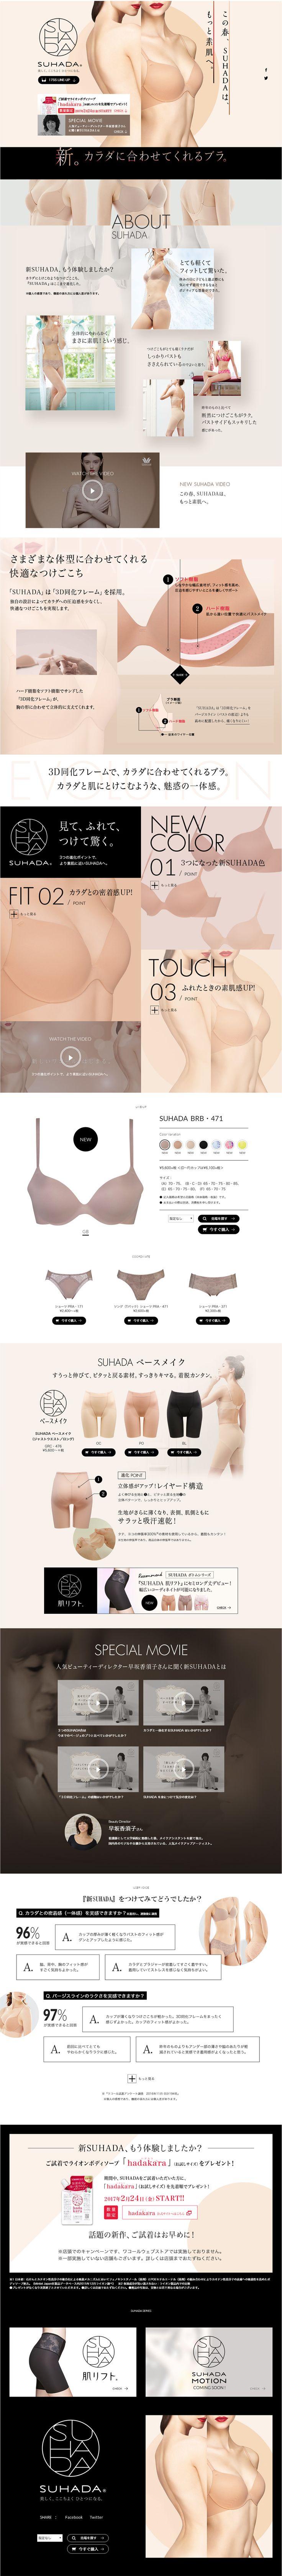 SUHADA【ファッション関連】のLPデザイン。WEBデザイナーさん必見!ランディングページのデザイン参考に(キレイ系)